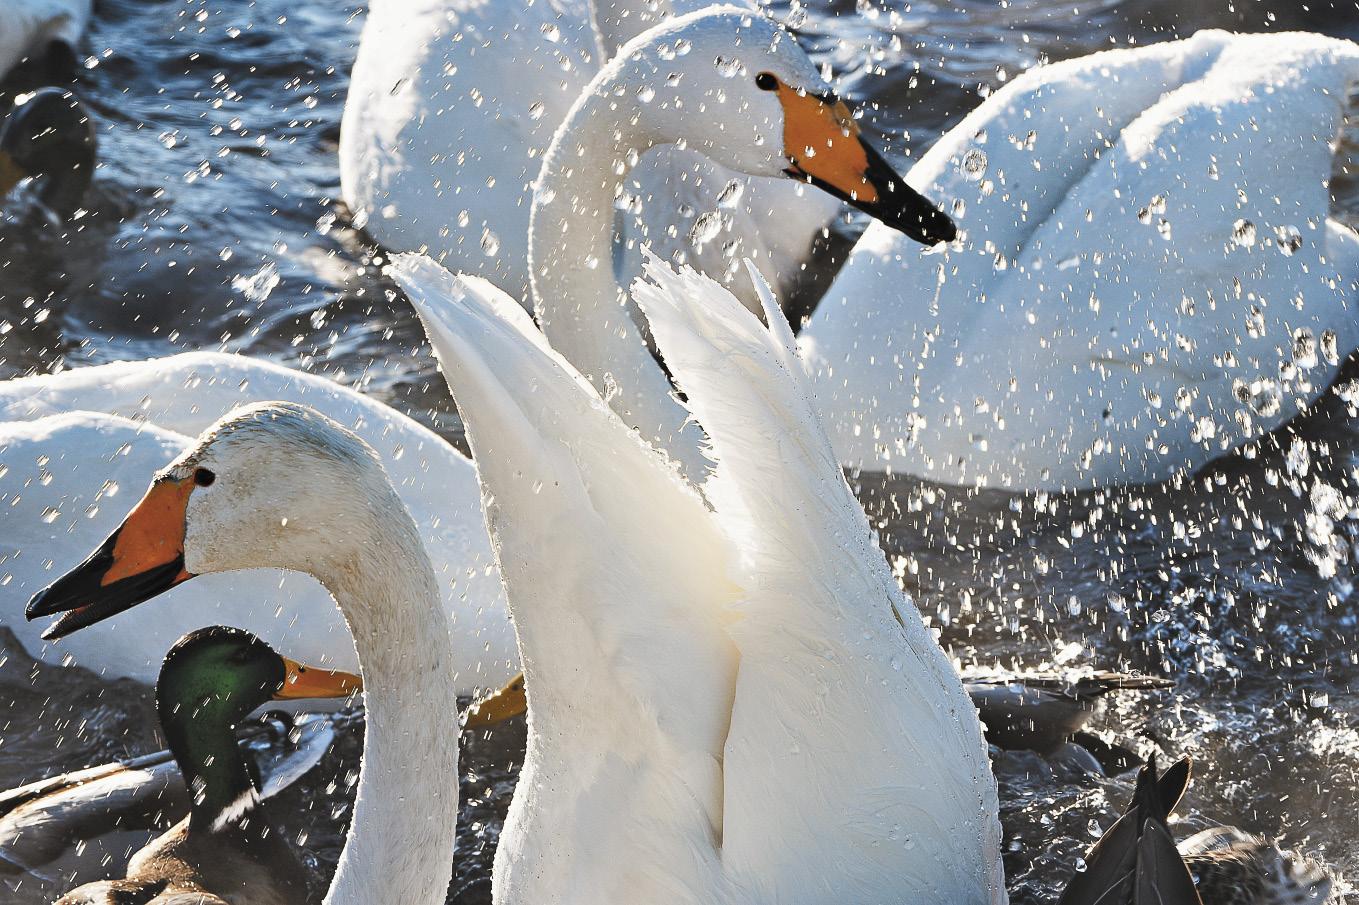 Каждую зиму белокрылые съедают около 20 тонн специального корма, который ежегодно заготавливают смотрители заповедника. Лебедей потчуют овсом, горохом и пшеницей – такая зерносмесь позволит поддержать иммунитет птиц на время морозов.